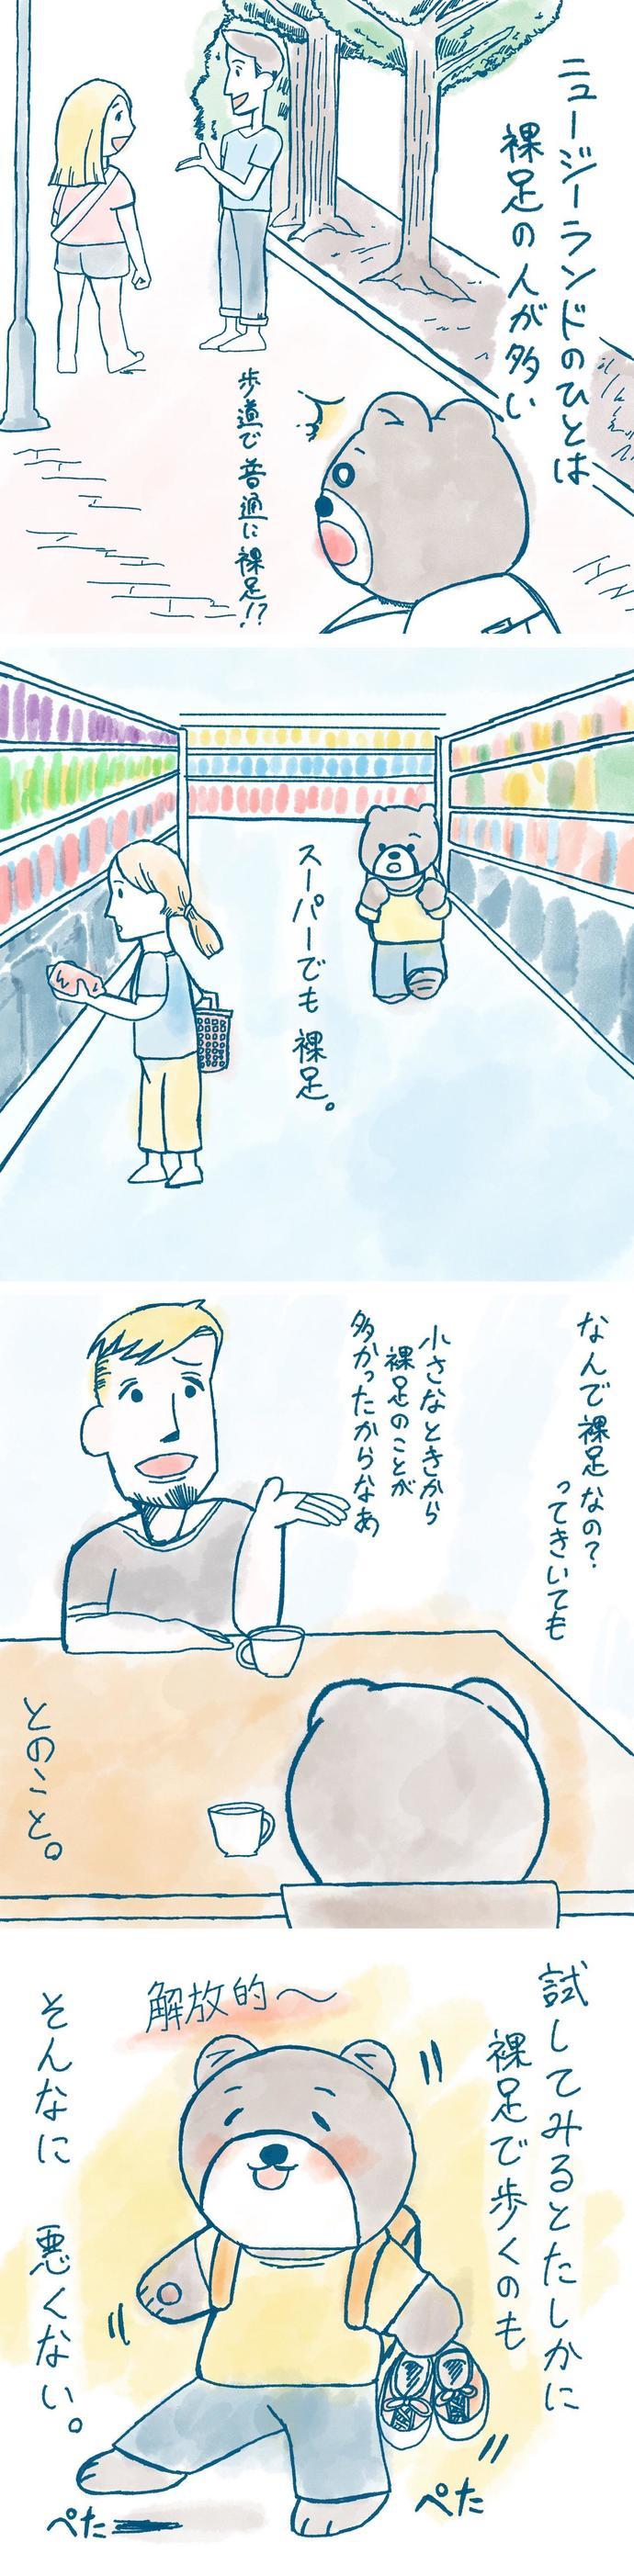 ryugakuma_01_1280.jpg